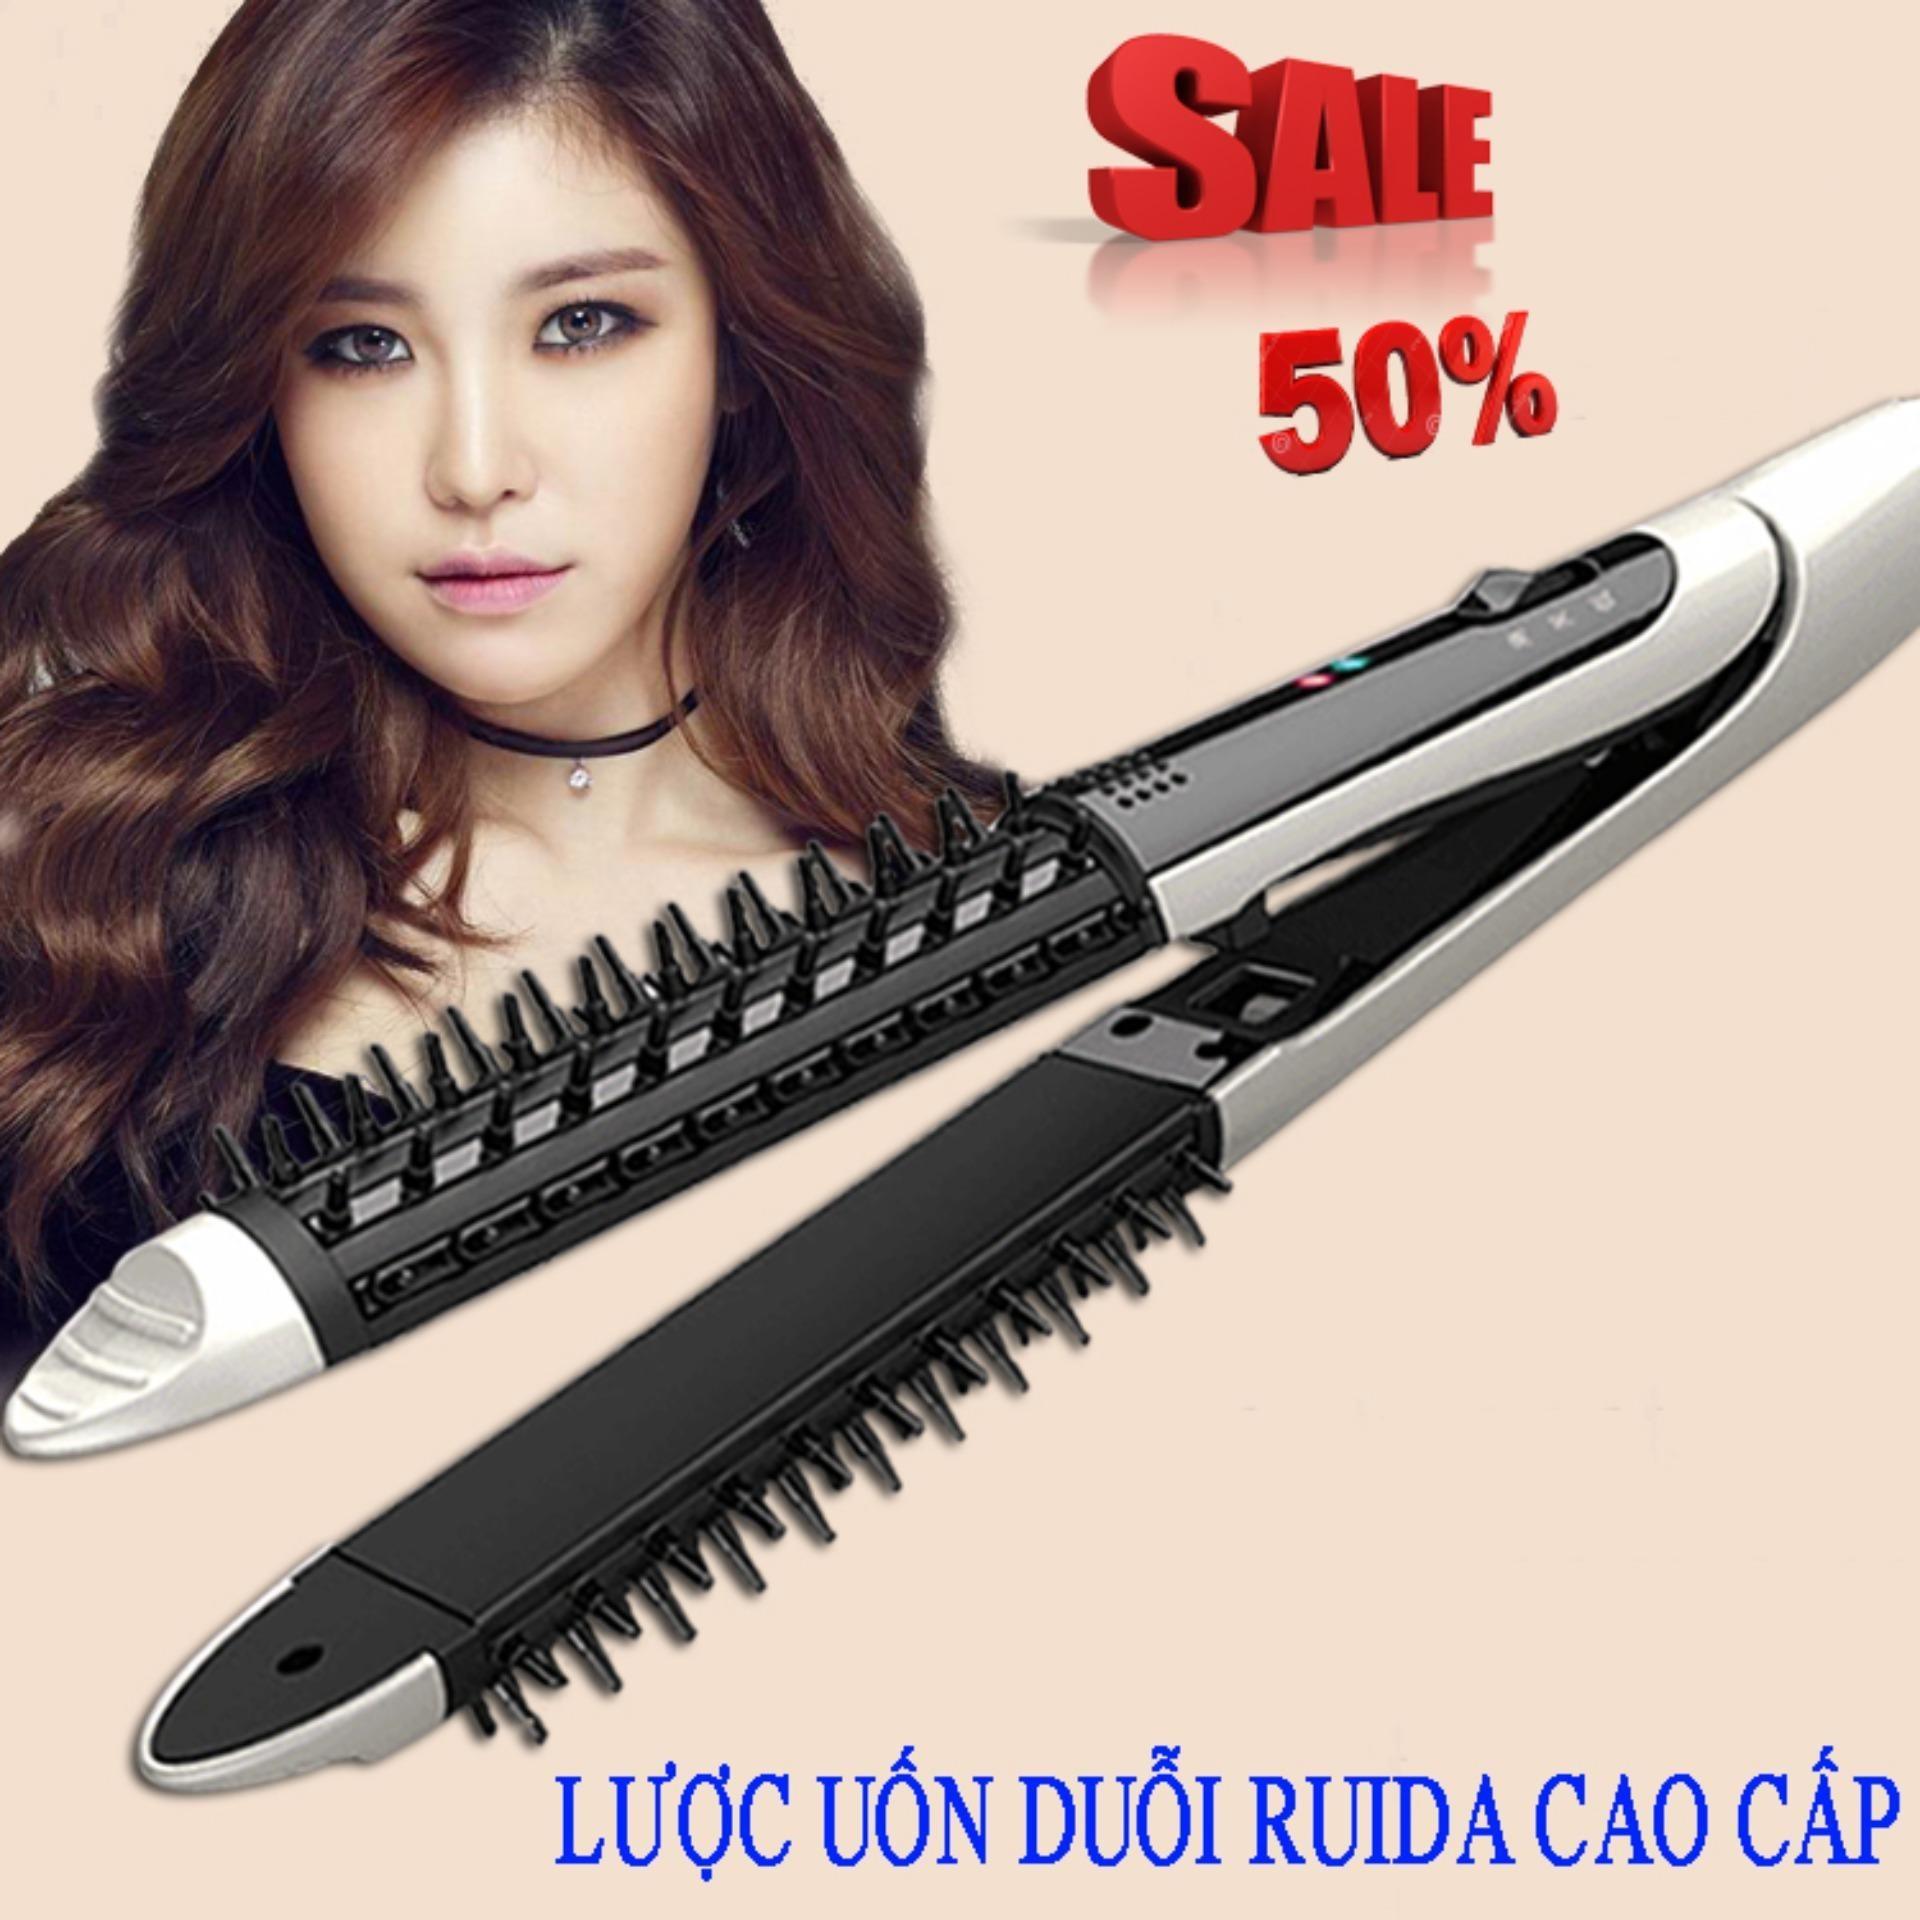 May làm tóc, máy tạo kiểu tóc,may duoi uon toc mini , May duoi va bam toc - Máy uốn tóc ruida đa chức năng - hàng cao cấp - giá rẻ -uy tín - chất lượng - BH uy tín 1 đổi 1 bởi SUN STORE SG chính hãng